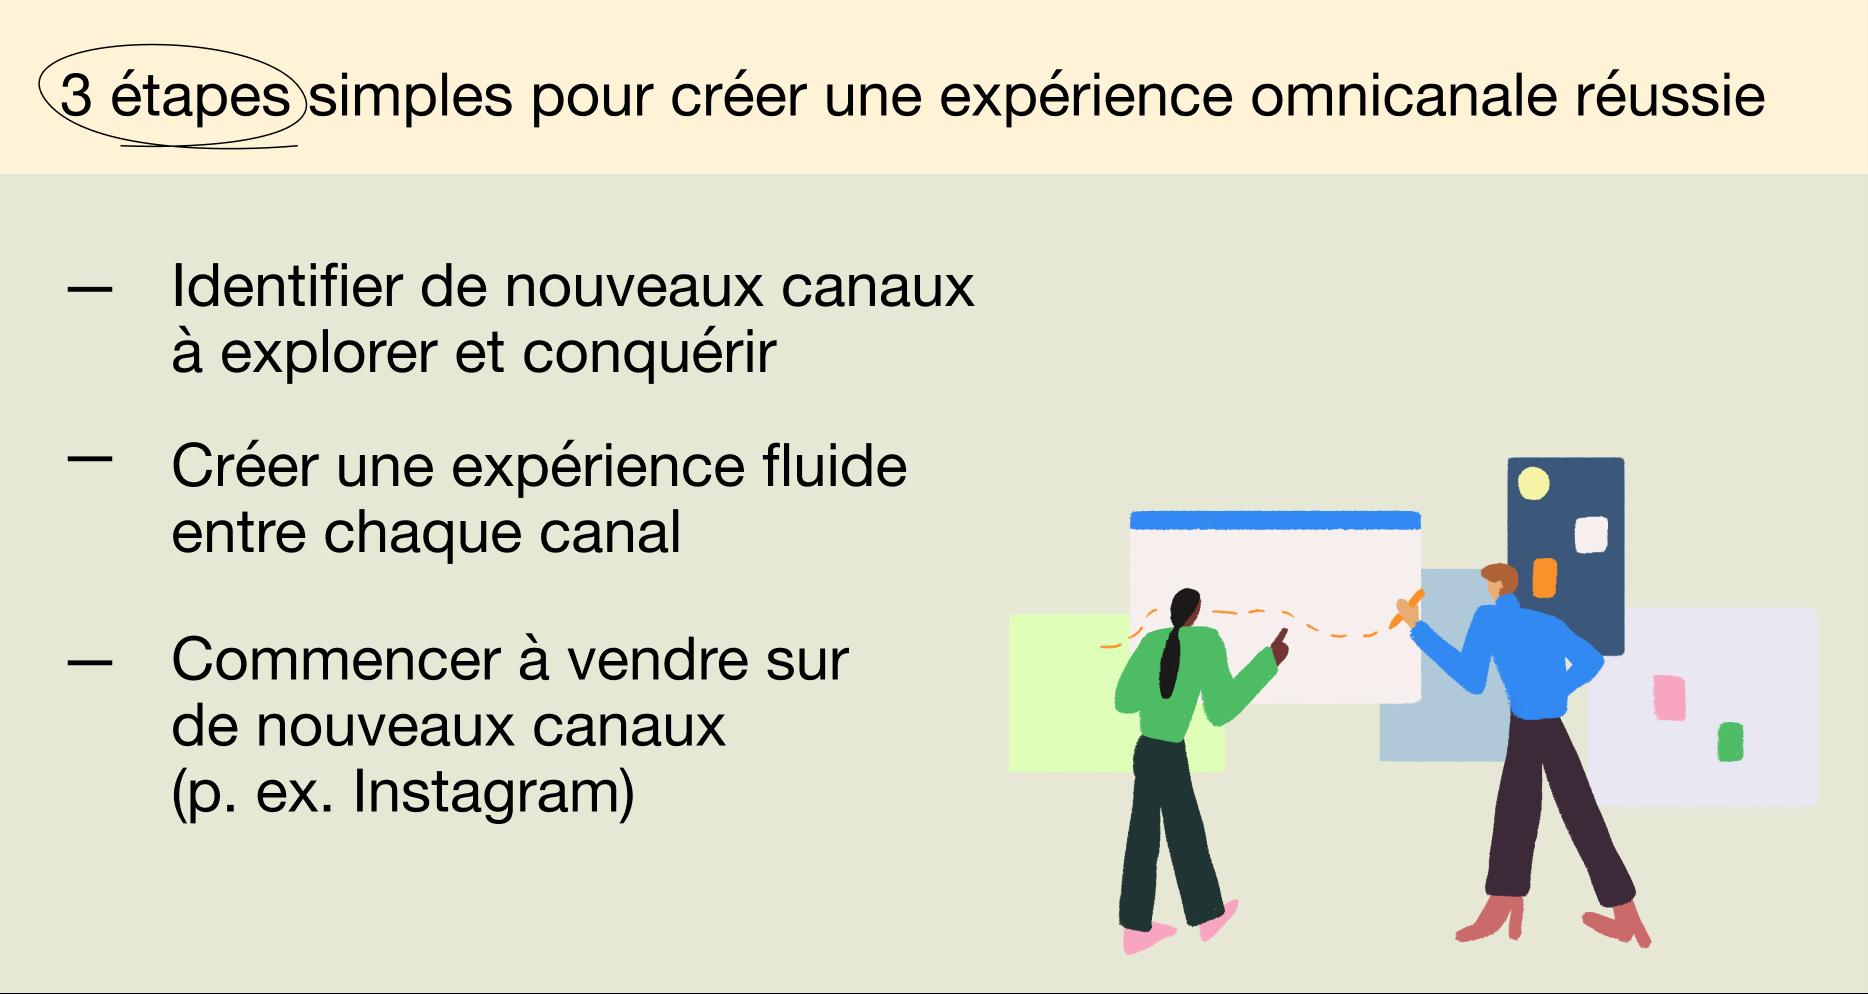 FR - Holiday report  - 3 étapes simples pour créer une expérience omnicanale réussie